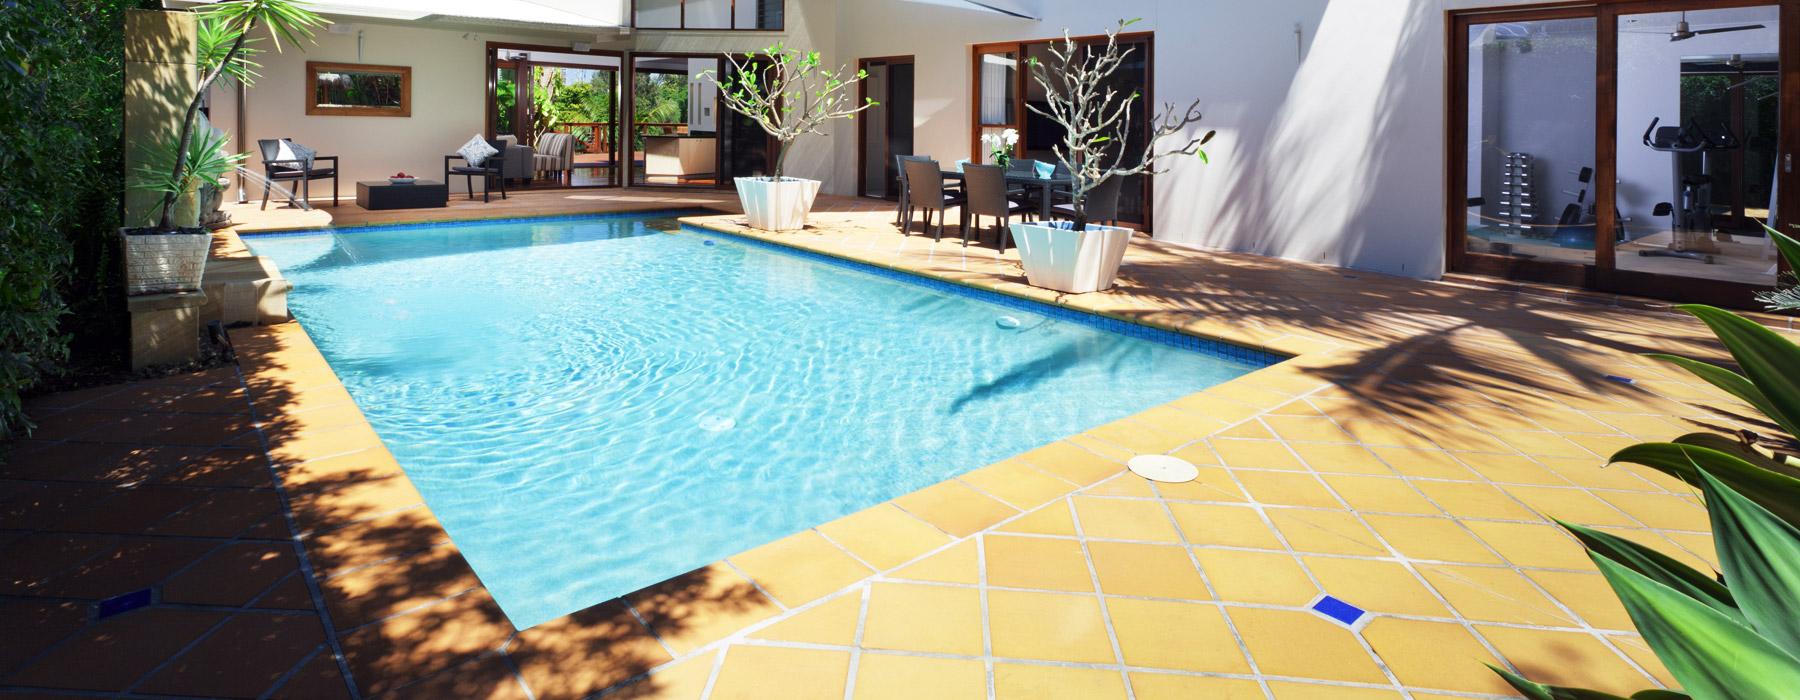 Piscine interrate prezzi offerte tutto incluso - Prezzo piscina interrata ...